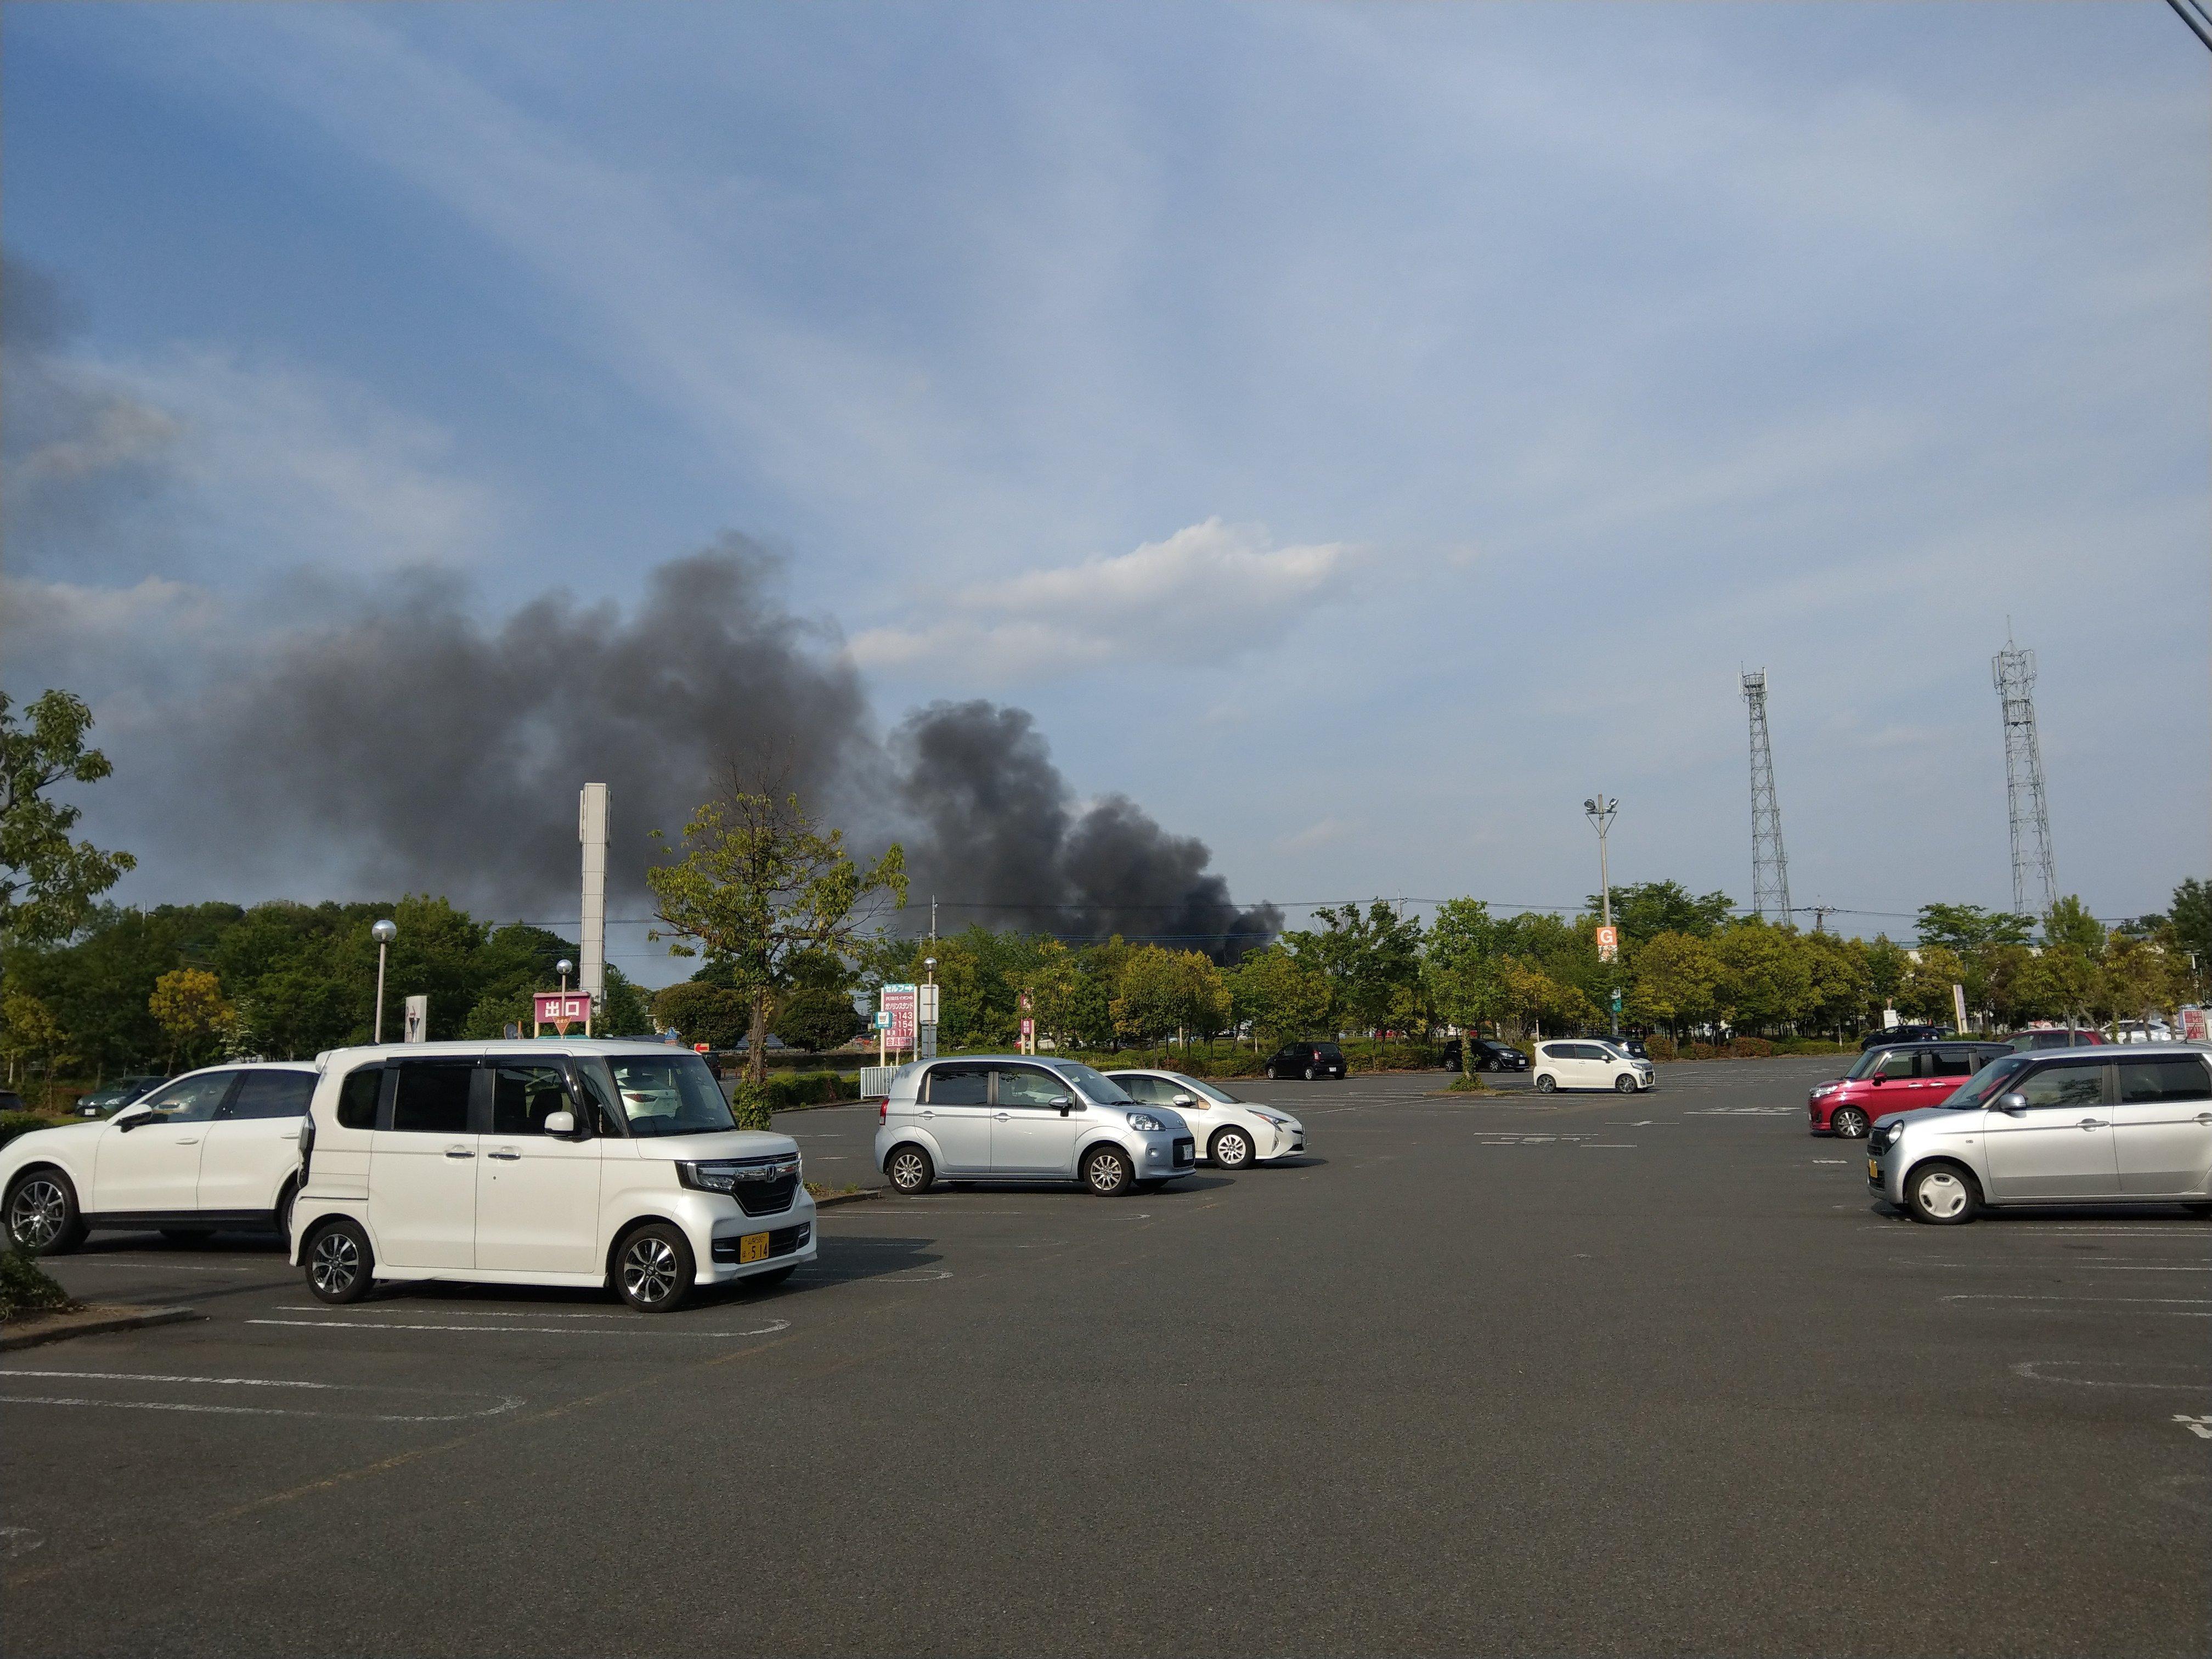 太田市茂木町で火事が起きている画像